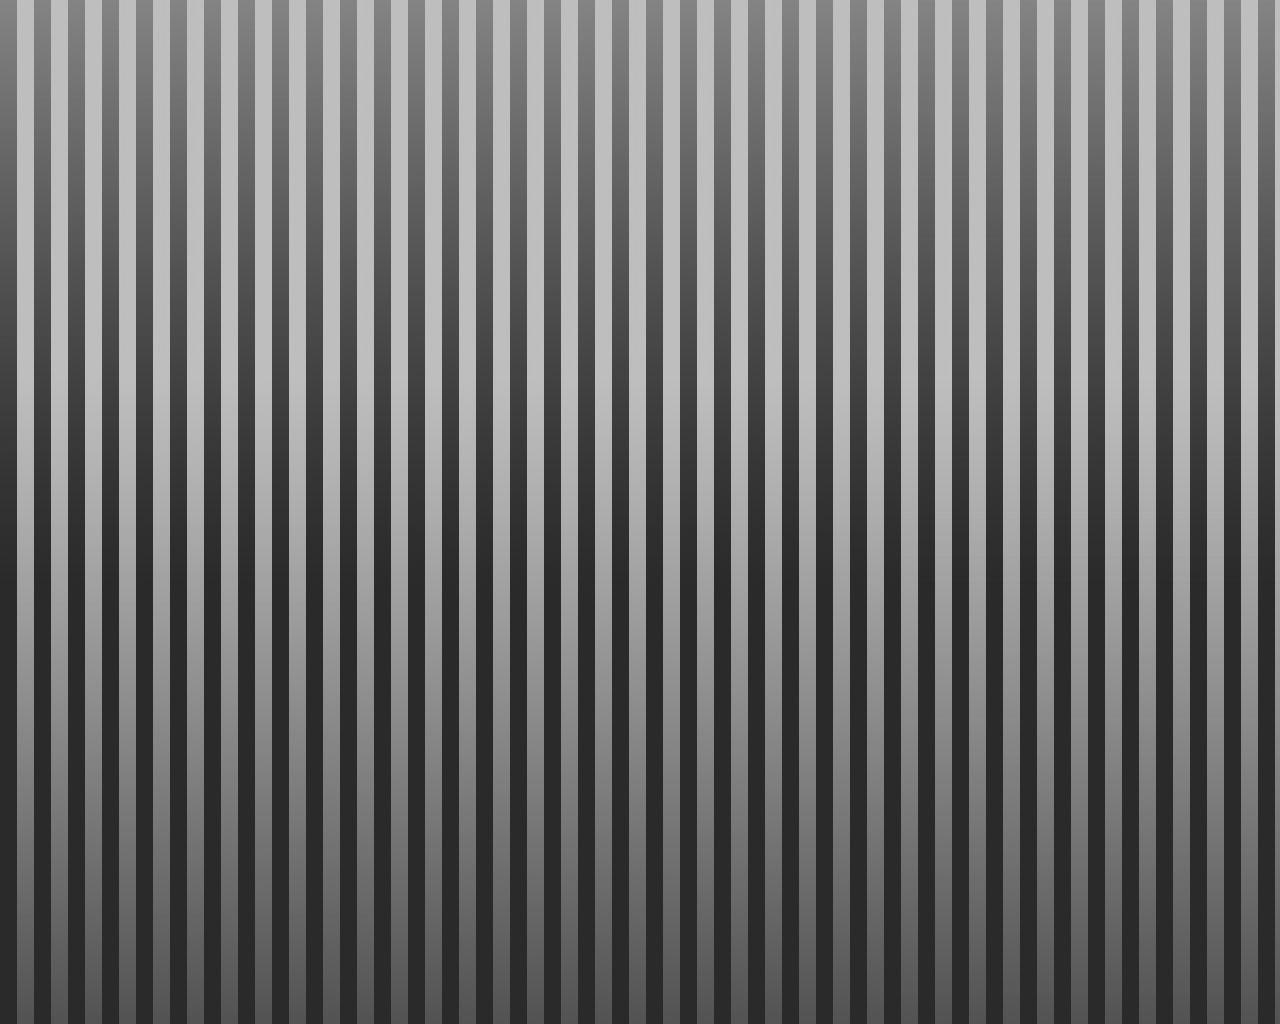 Sh Yn Design Stripe Pattern Wallpaper   Silver Stripe 1280x1024